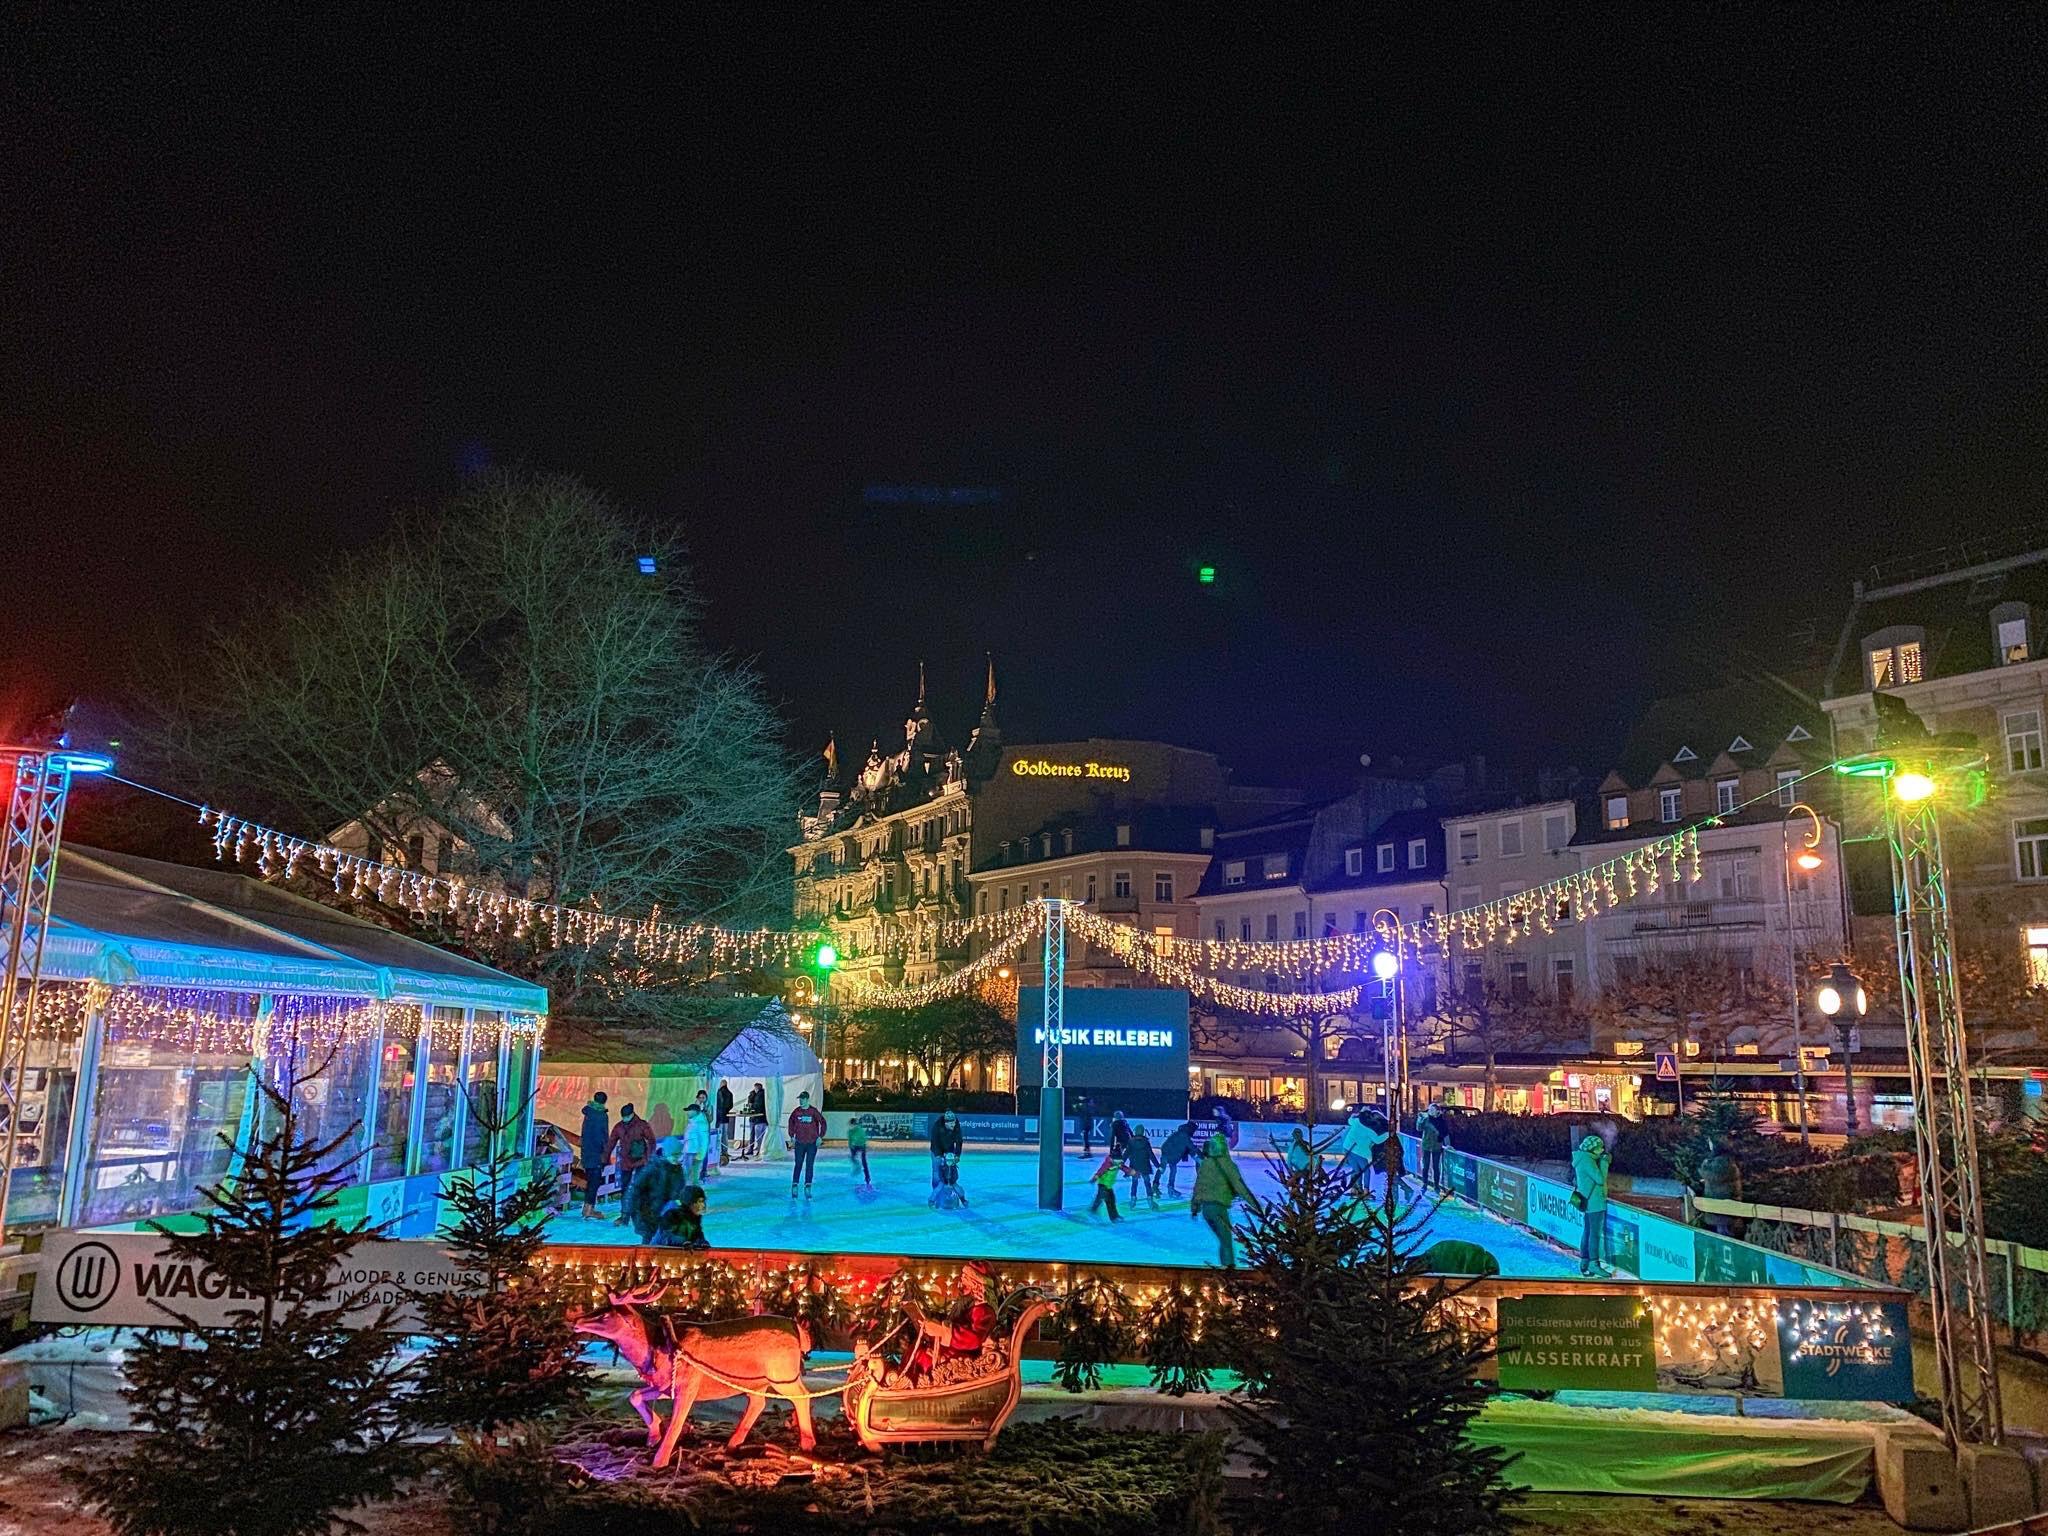 eisarena-baden-baden-weihnachtsmarkt-essen